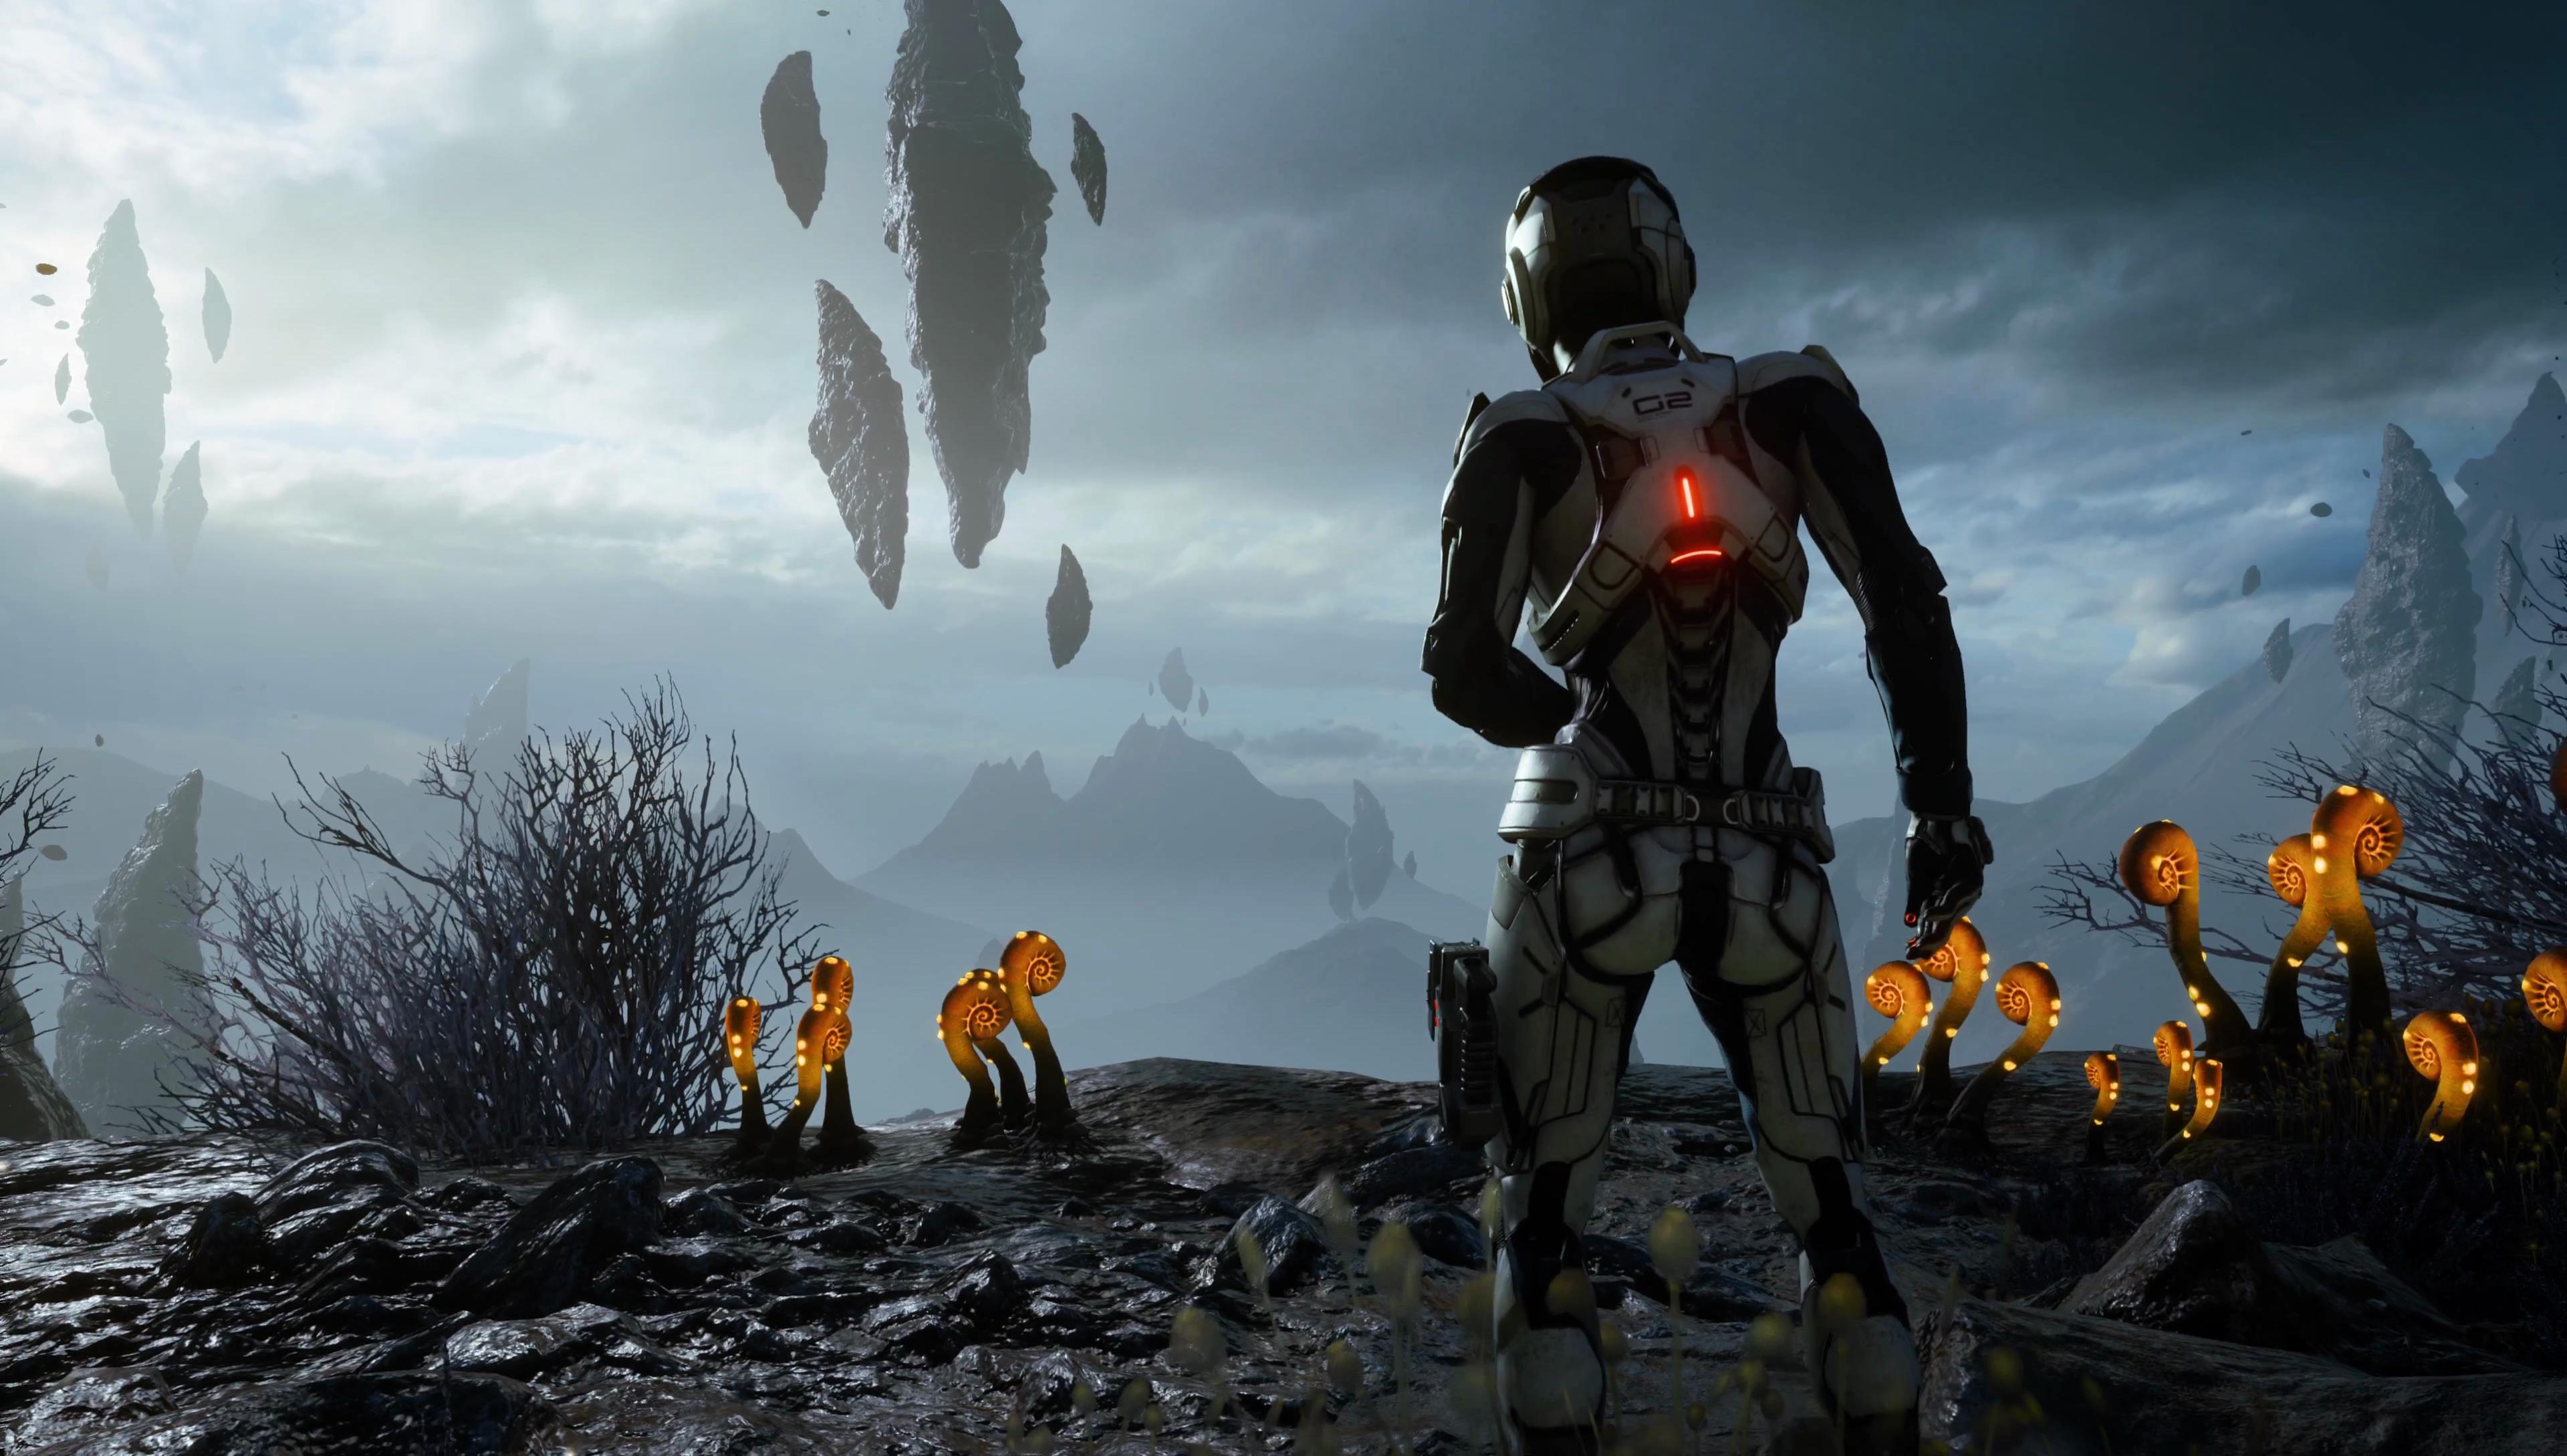 Mass Effect Andromeda Wallpaper Iphone: Mass Effect: Andromeda 4k Ultra HD Wallpaper